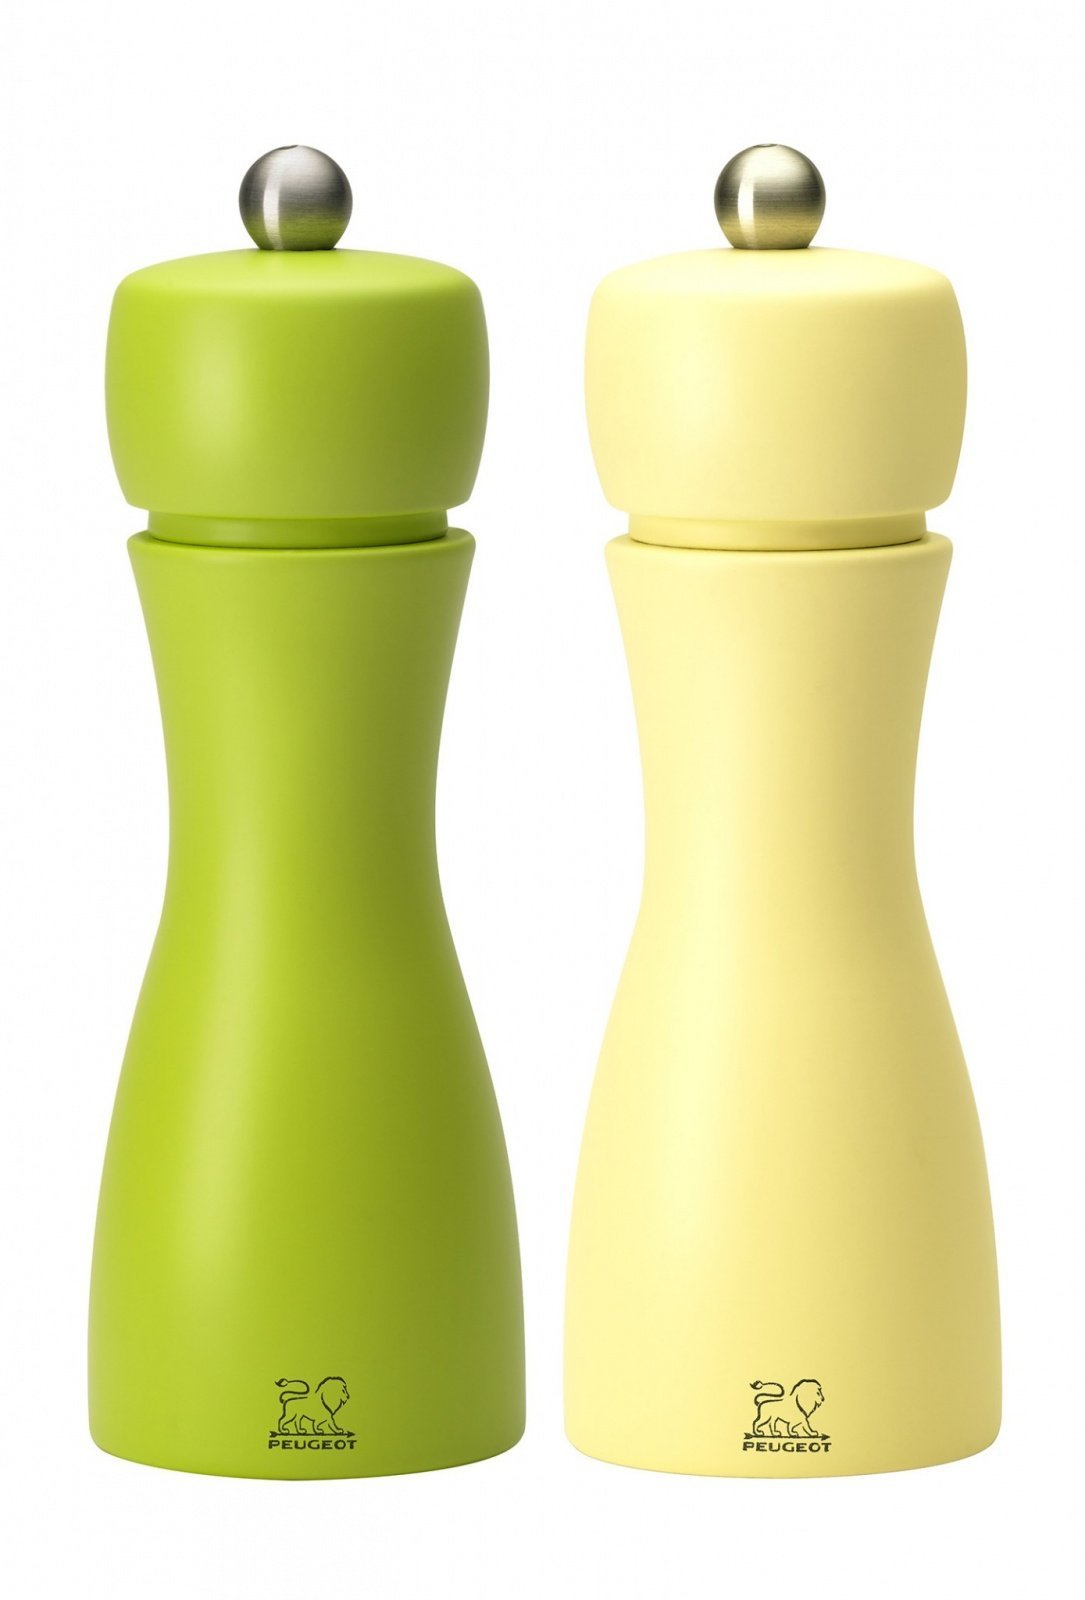 Мельницы Tahiti Peugeot для соли и перца, 15 см, желтый+салатовый (набор)